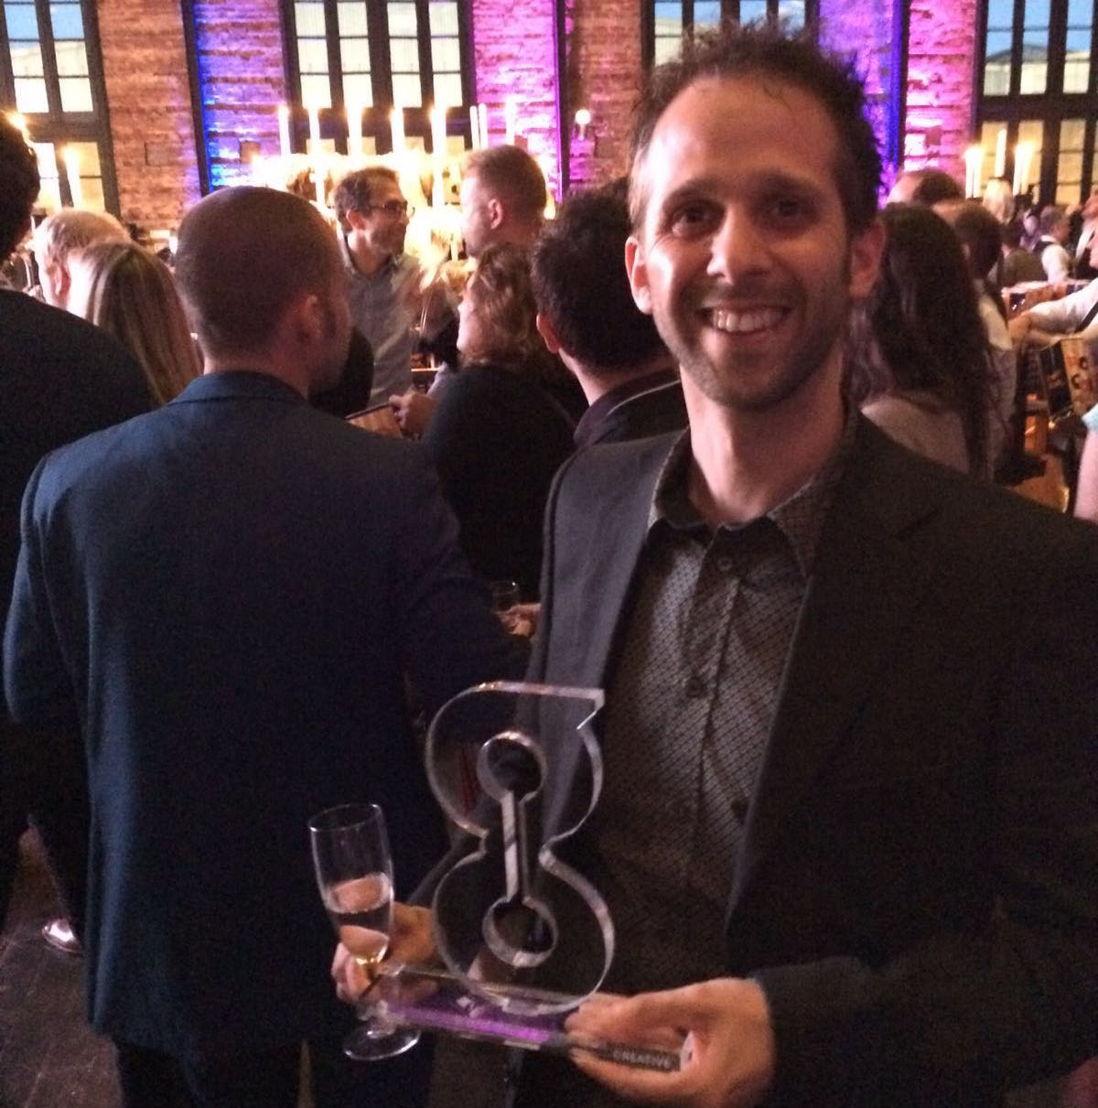 Maarten De Neve, Sales Manager Emakina/Direct